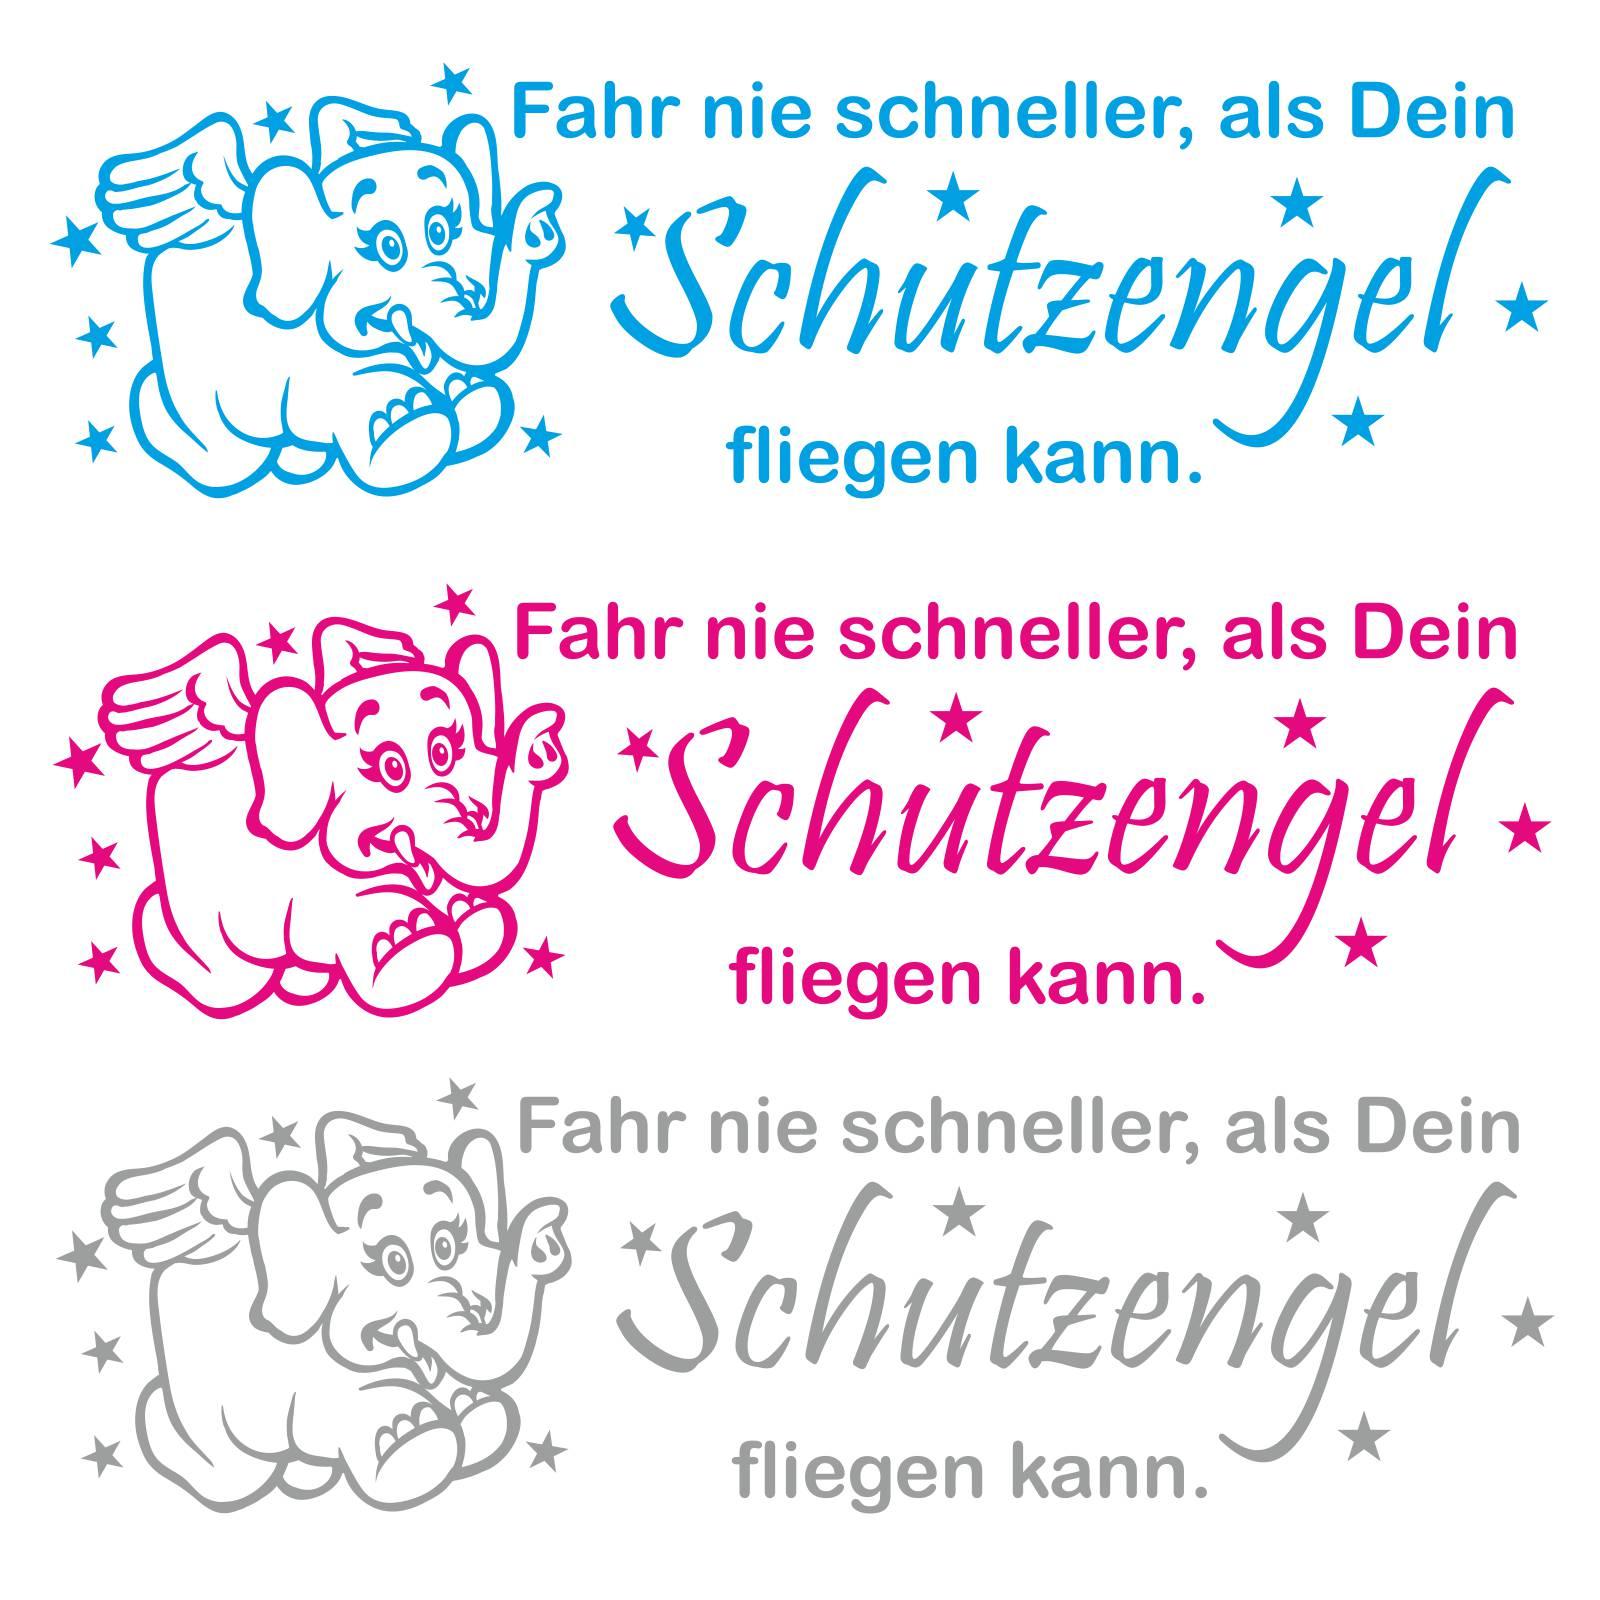 Inspirierend Schutzengel Sprüche Referenz Von Engel Angel Elefant Spruch Auto Aufkleber